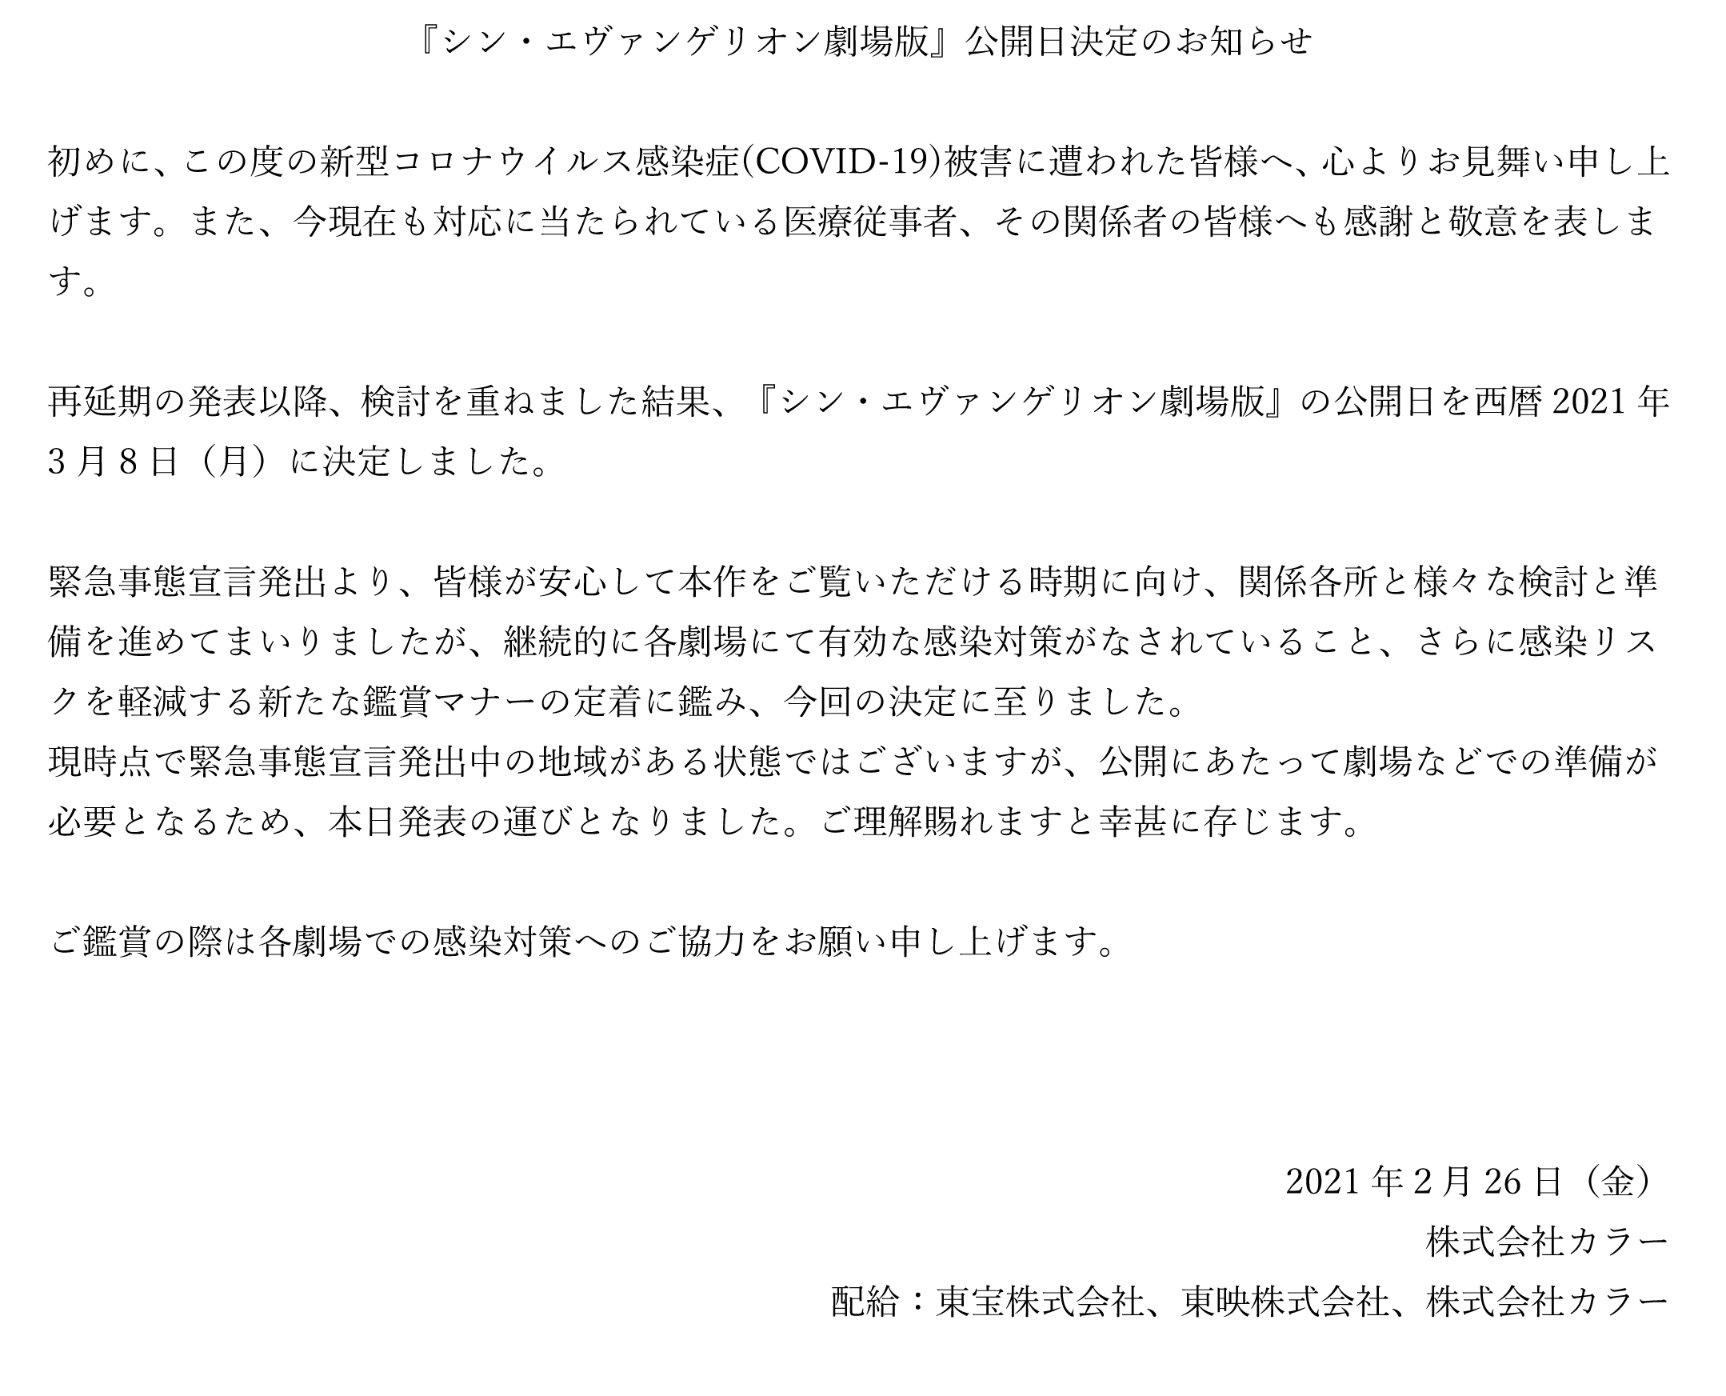 f:id:otaku4160:20210226215211j:plain